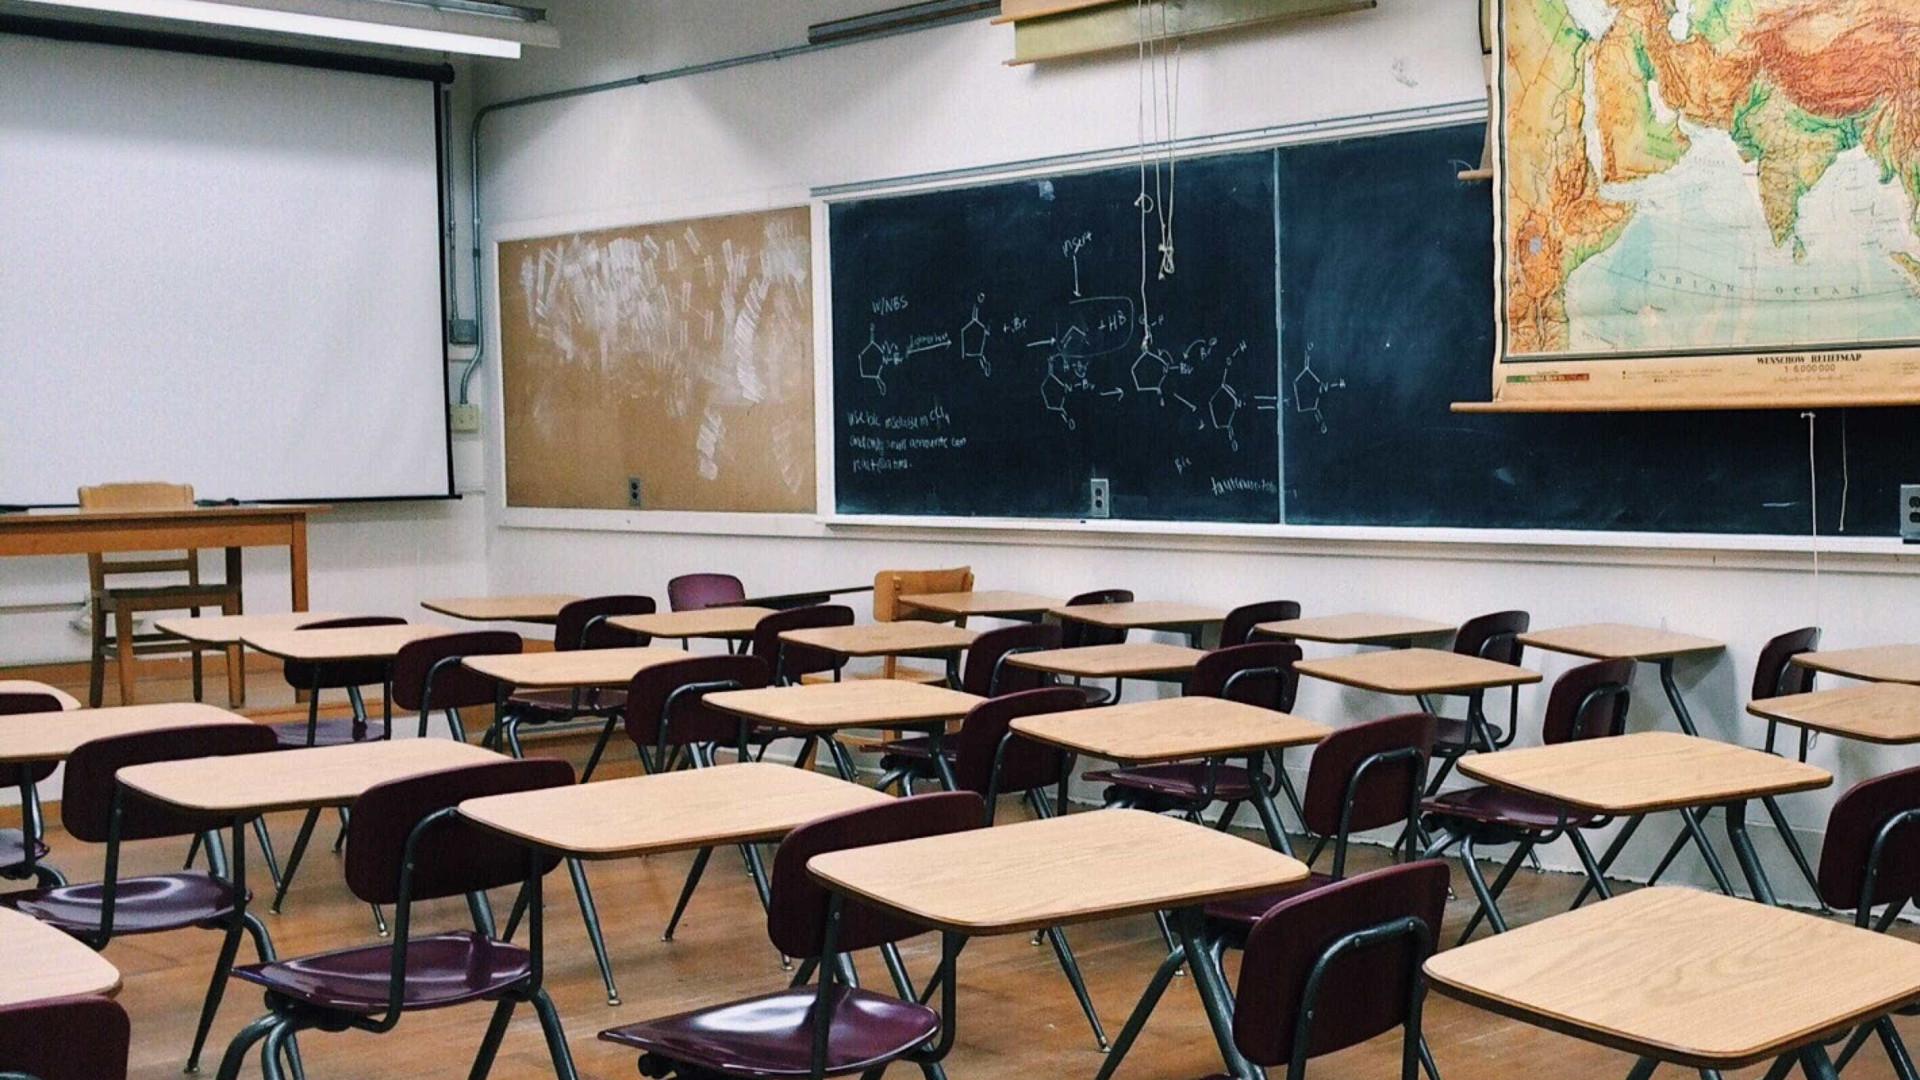 Conglomerados do ensino superior avançam sobre a educação básica